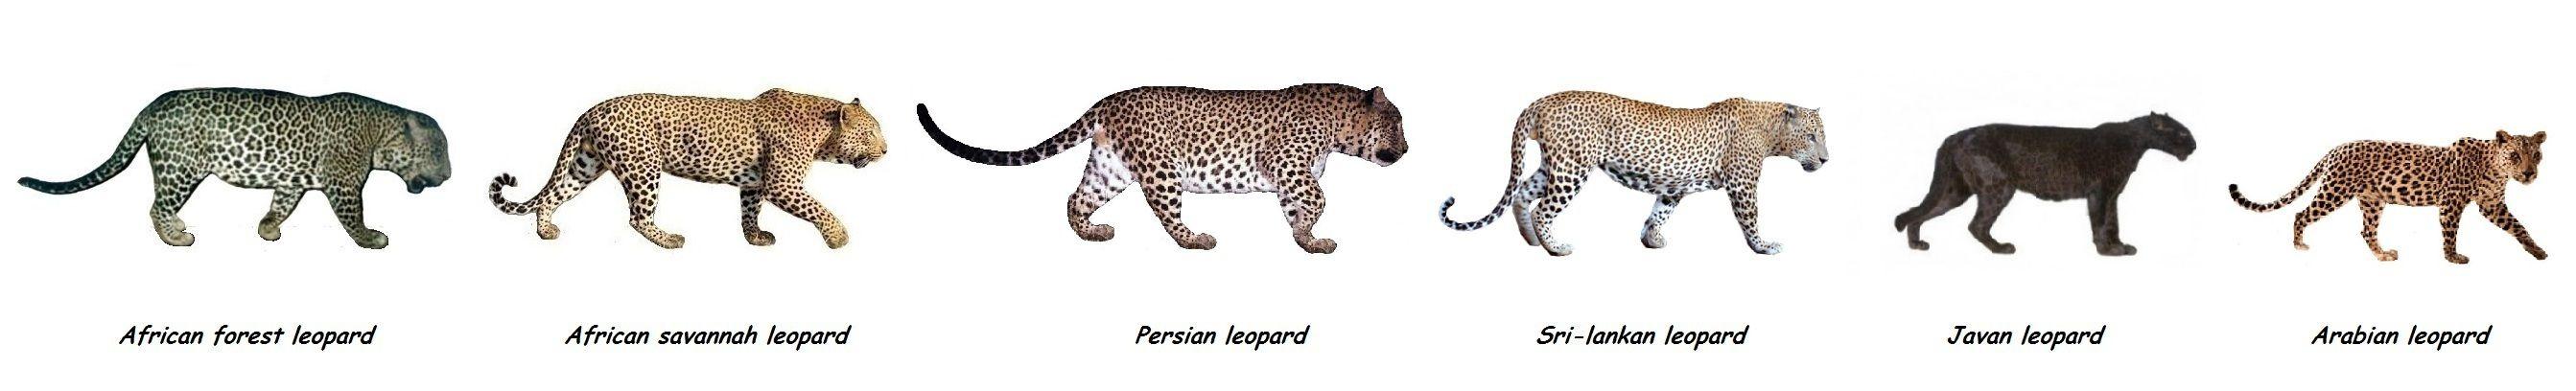 leopard and jaguar comparison - photo #20